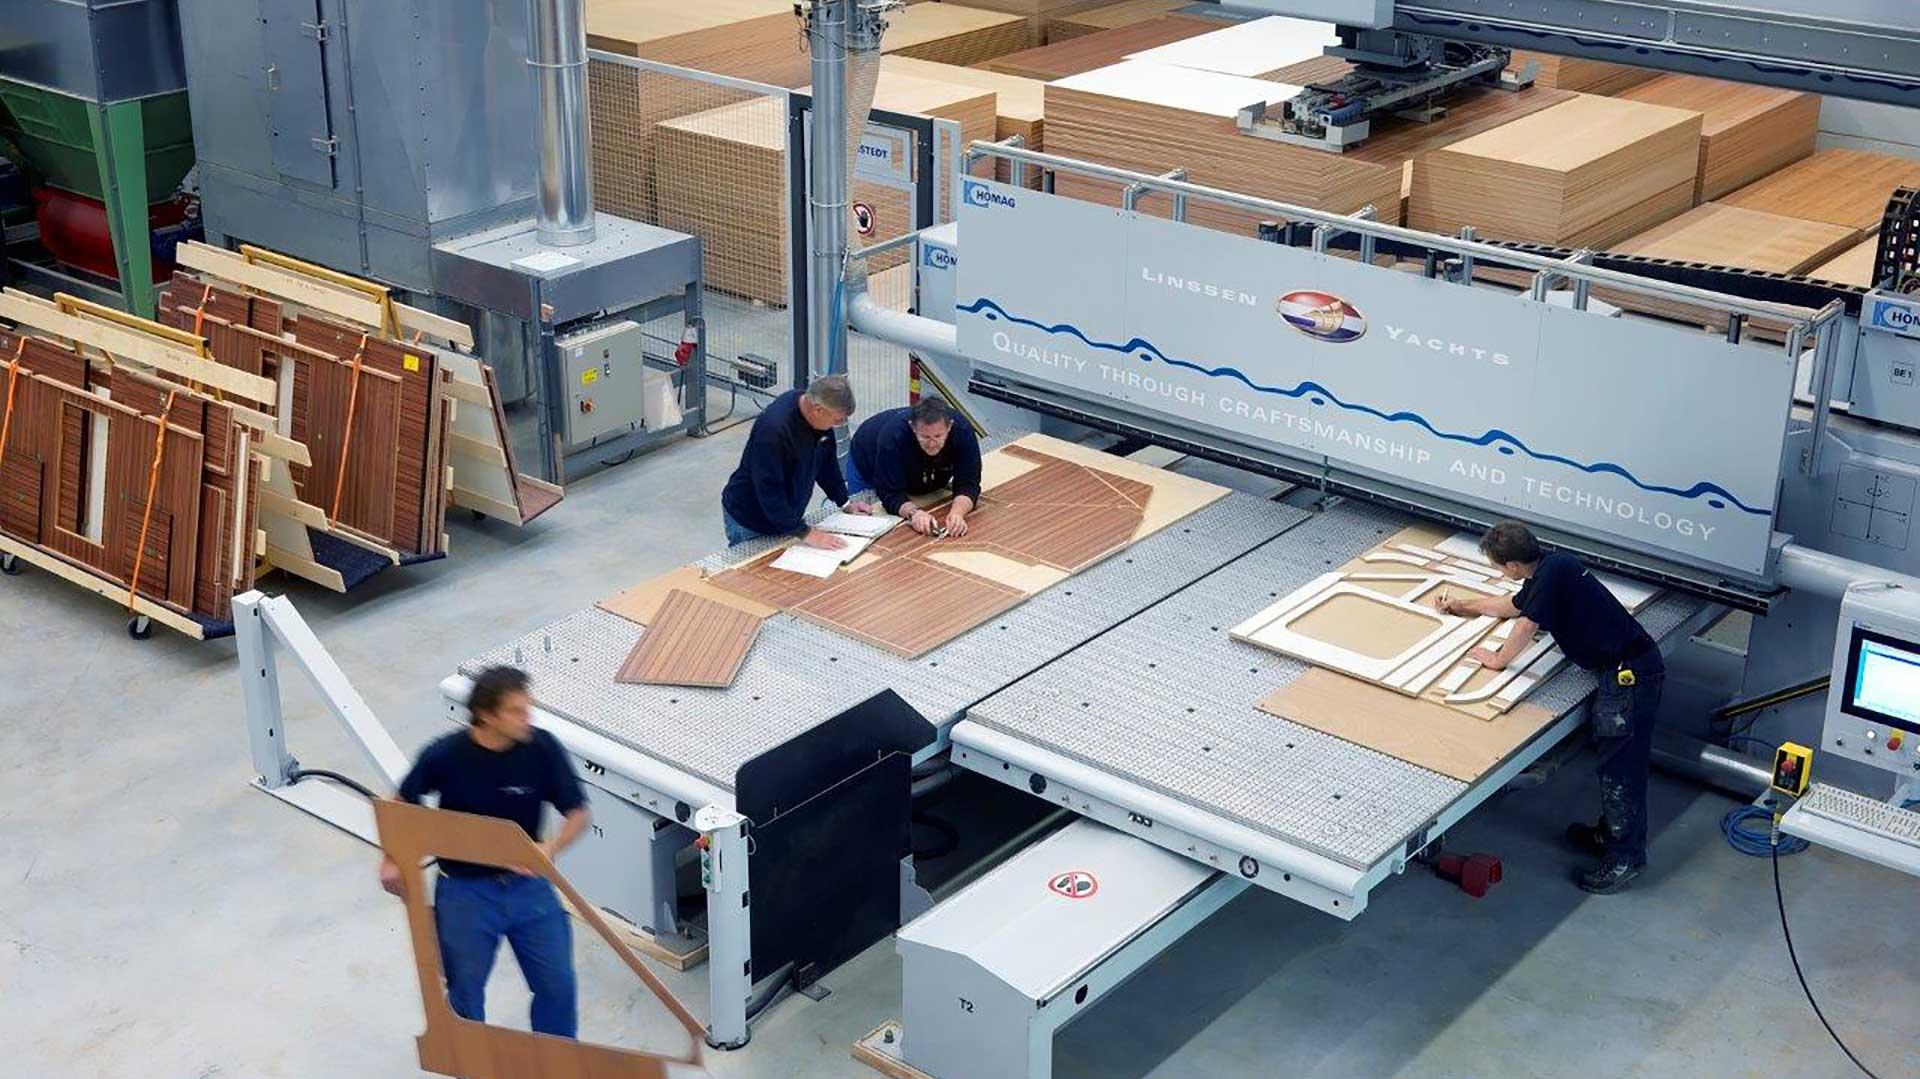 Linssen yachts high tech furniture factory